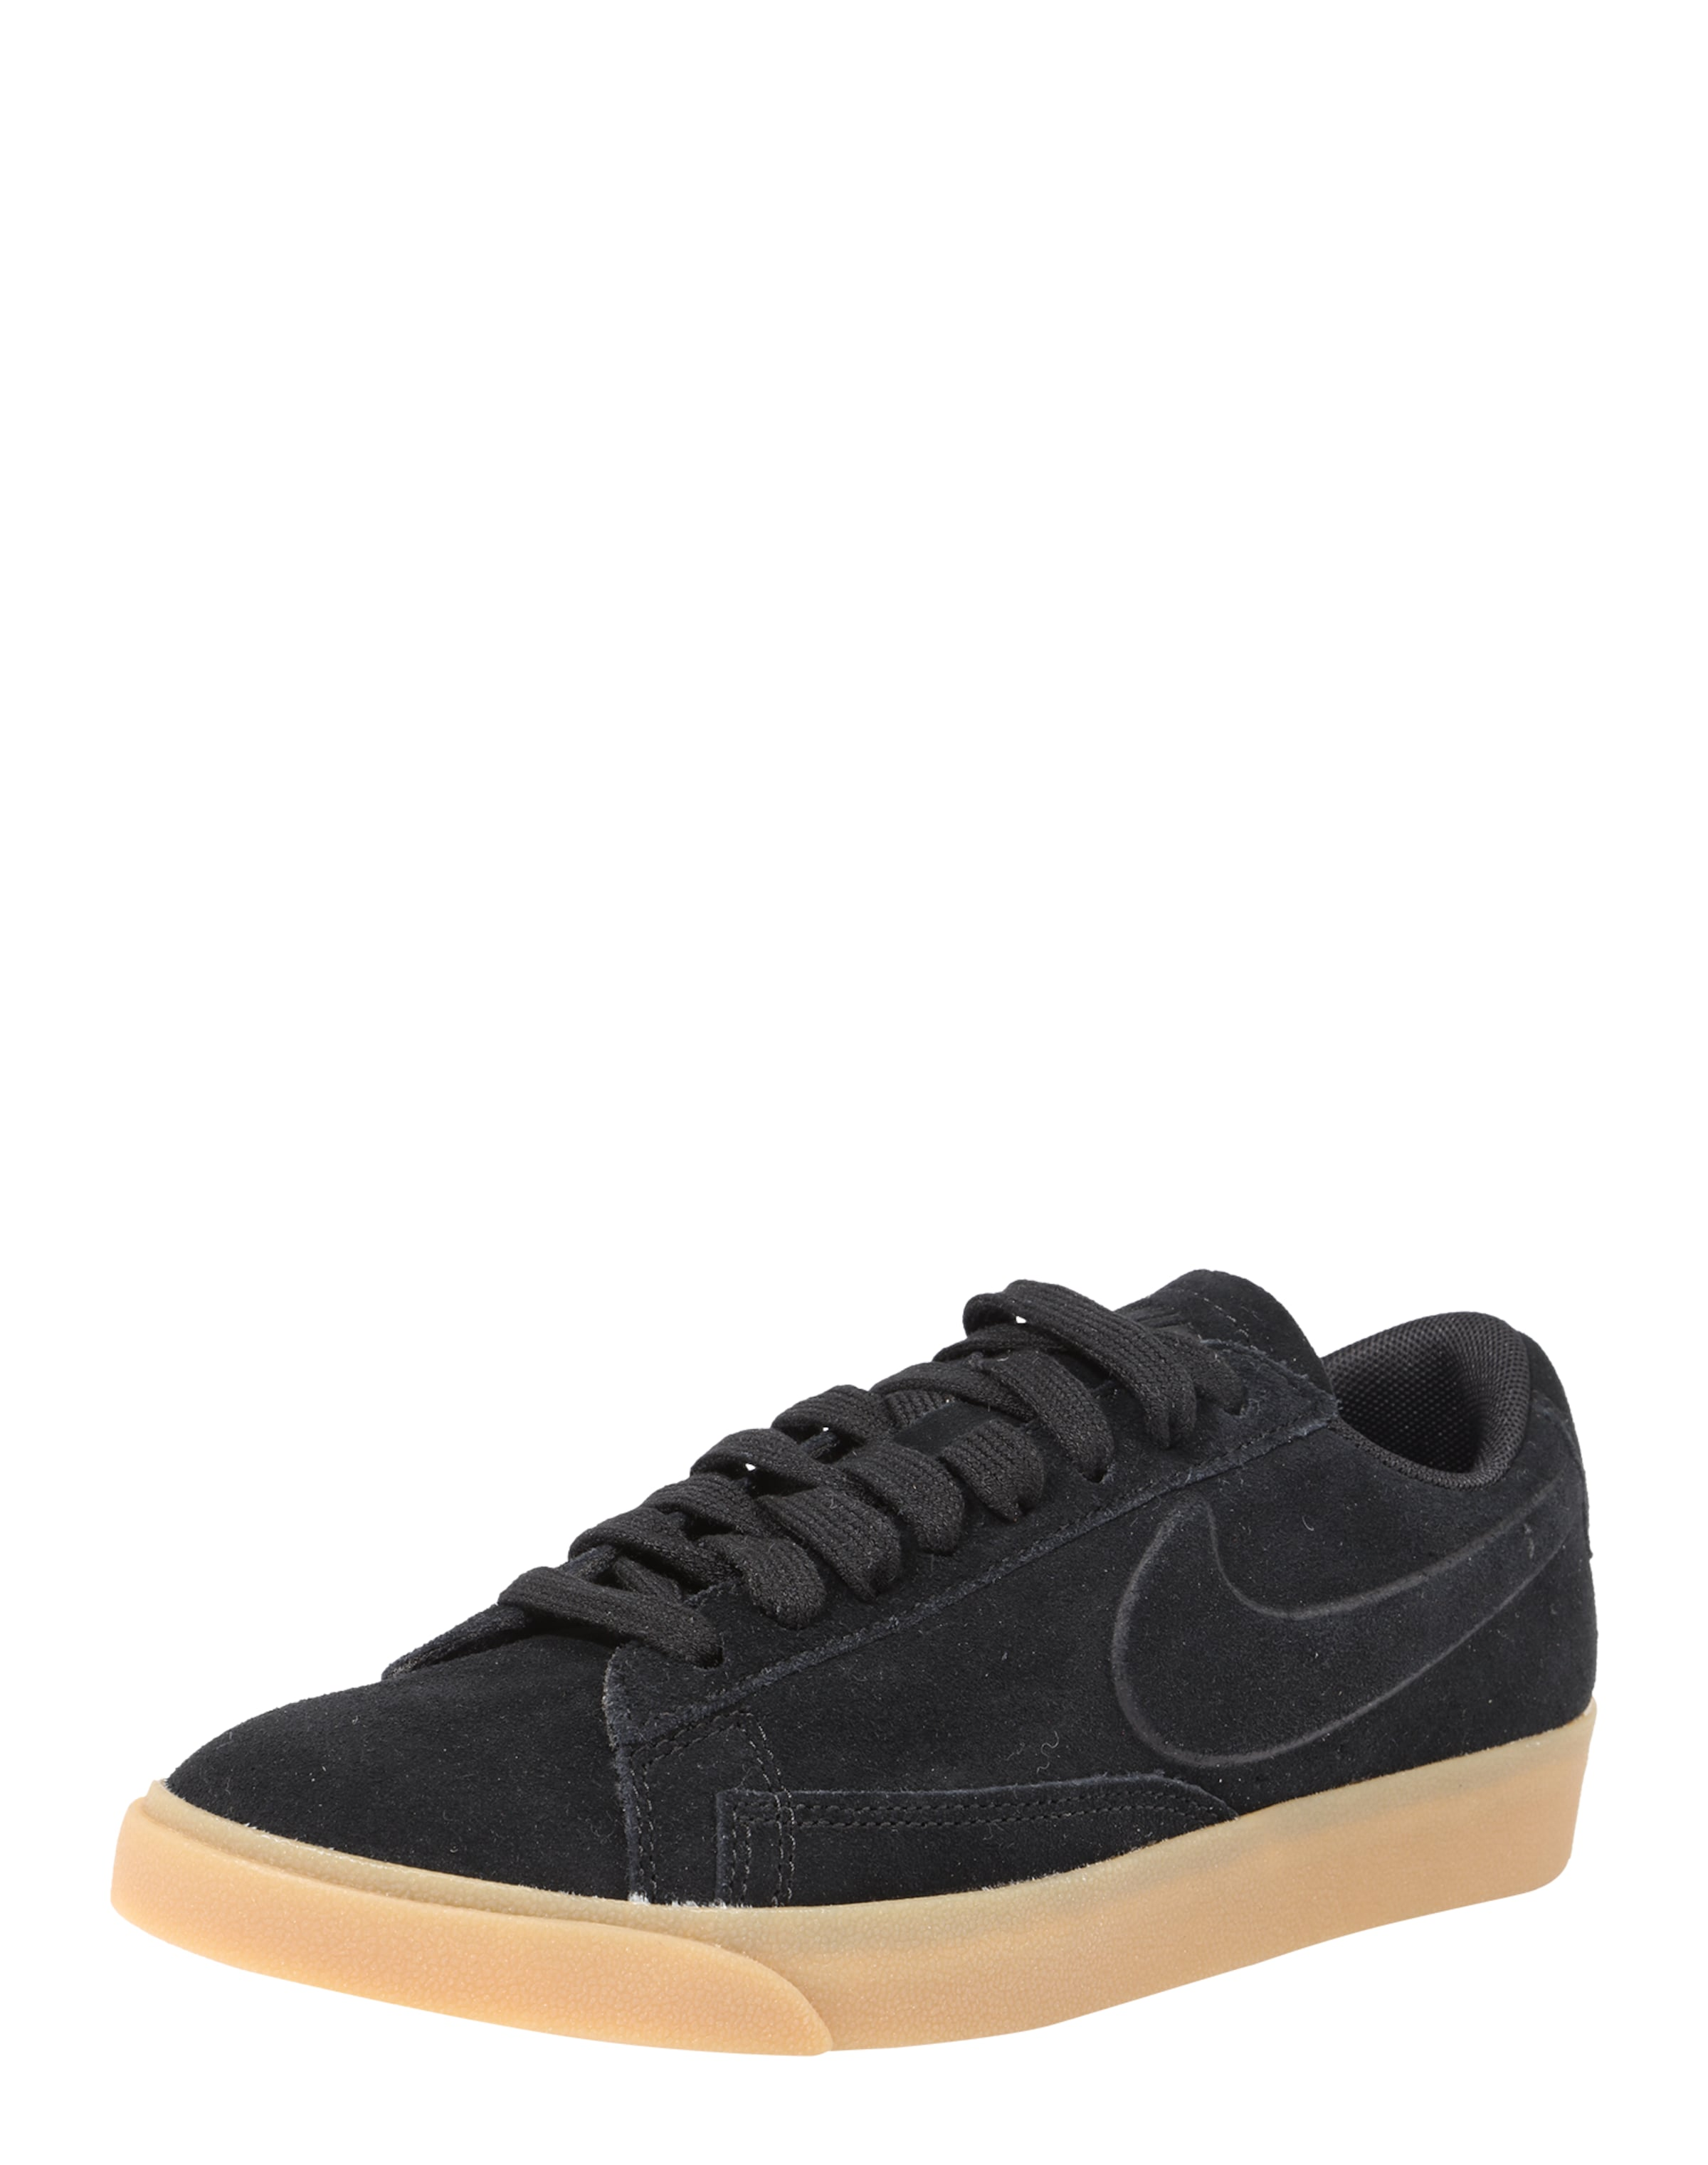 Nike Sportswear Sneaker 'Blazer Low' Spielraum Bestellen Ausgezeichneter Günstiger Preis b9BxWO